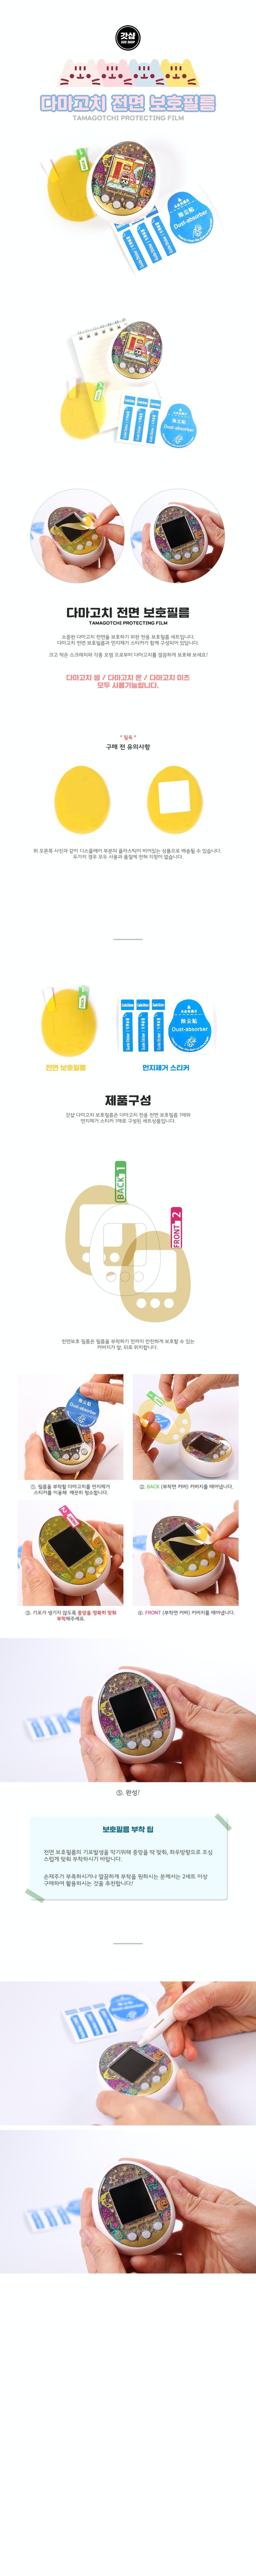 다마고치 액정 보호 필름 먼지 스티커 SET GODSHOP1,500원-갓샵키덜트/취미, 장난감/게임기, 게임기, 게임기 액세서리바보사랑다마고치 액정 보호 필름 먼지 스티커 SET GODSHOP1,500원-갓샵키덜트/취미, 장난감/게임기, 게임기, 게임기 액세서리바보사랑